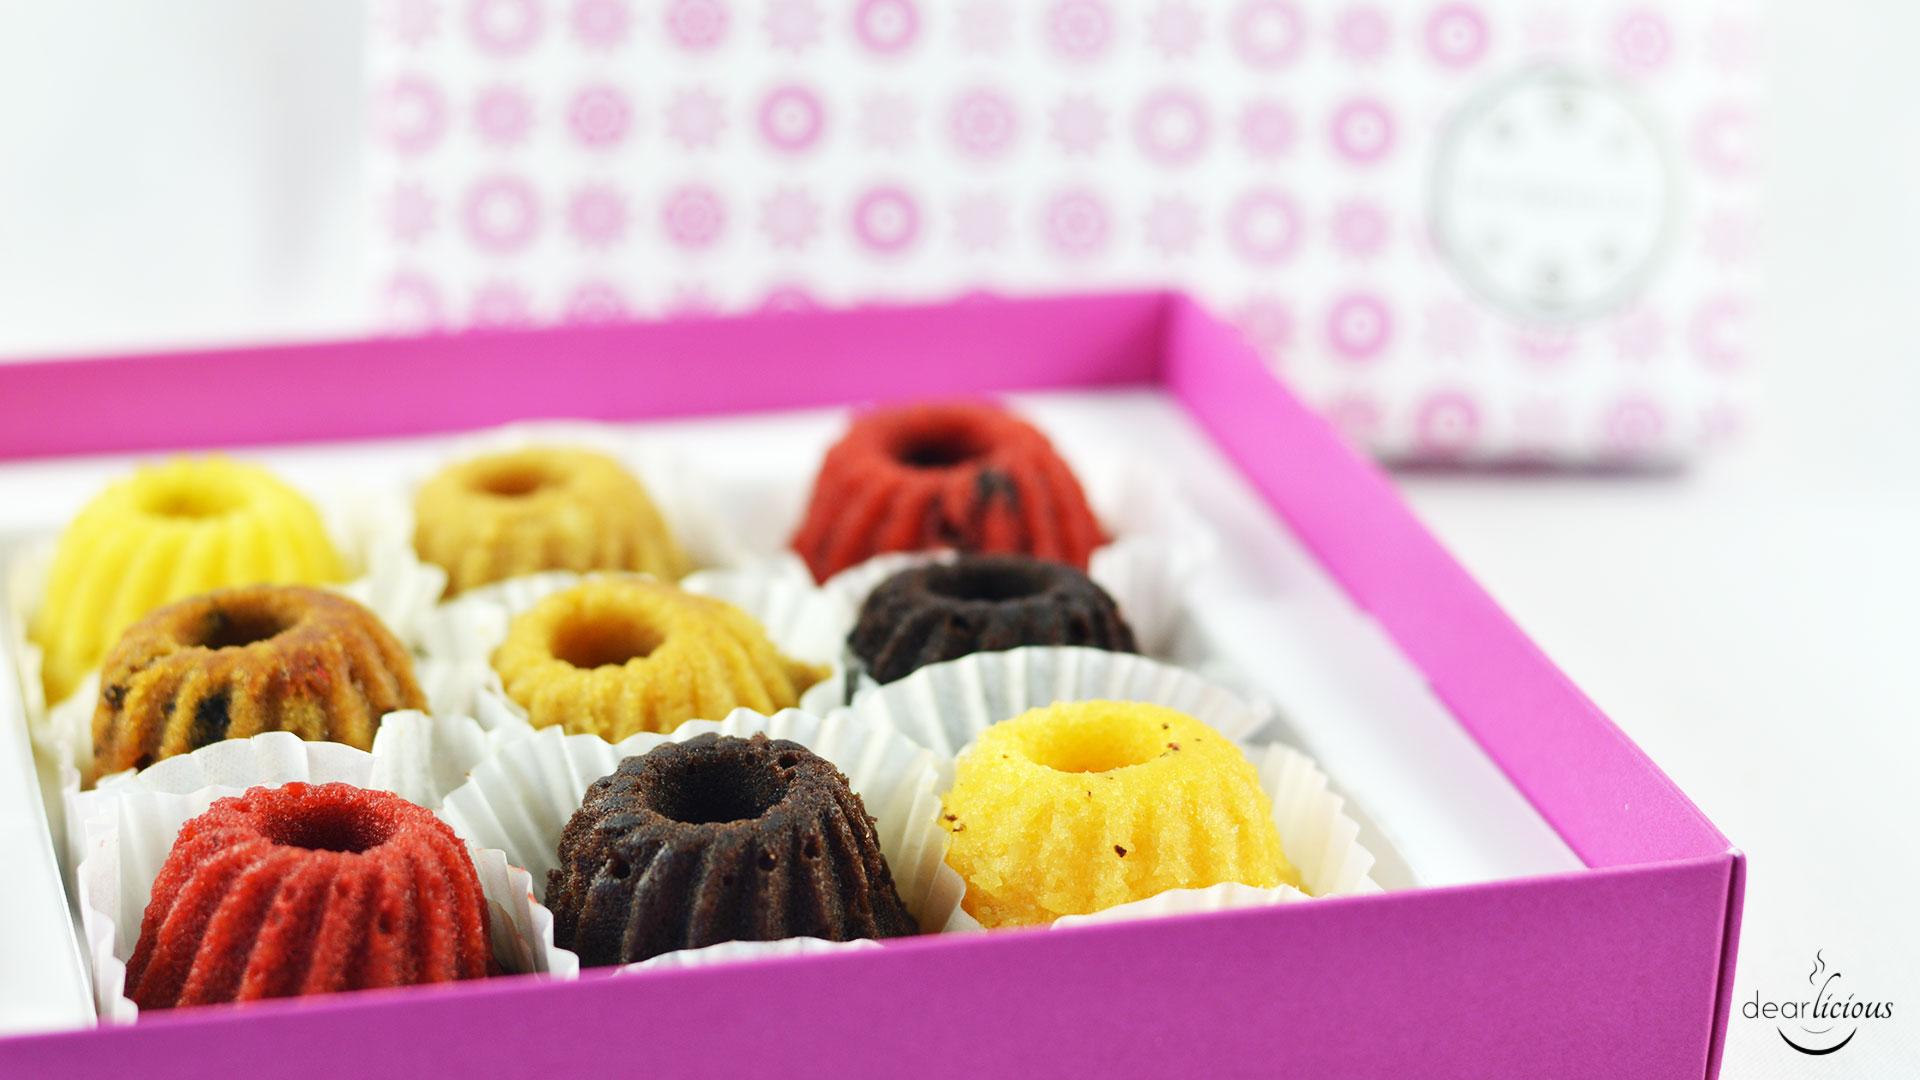 Verlsung zum Bloggeburtstag von dearlicious | www.dearlicious.com